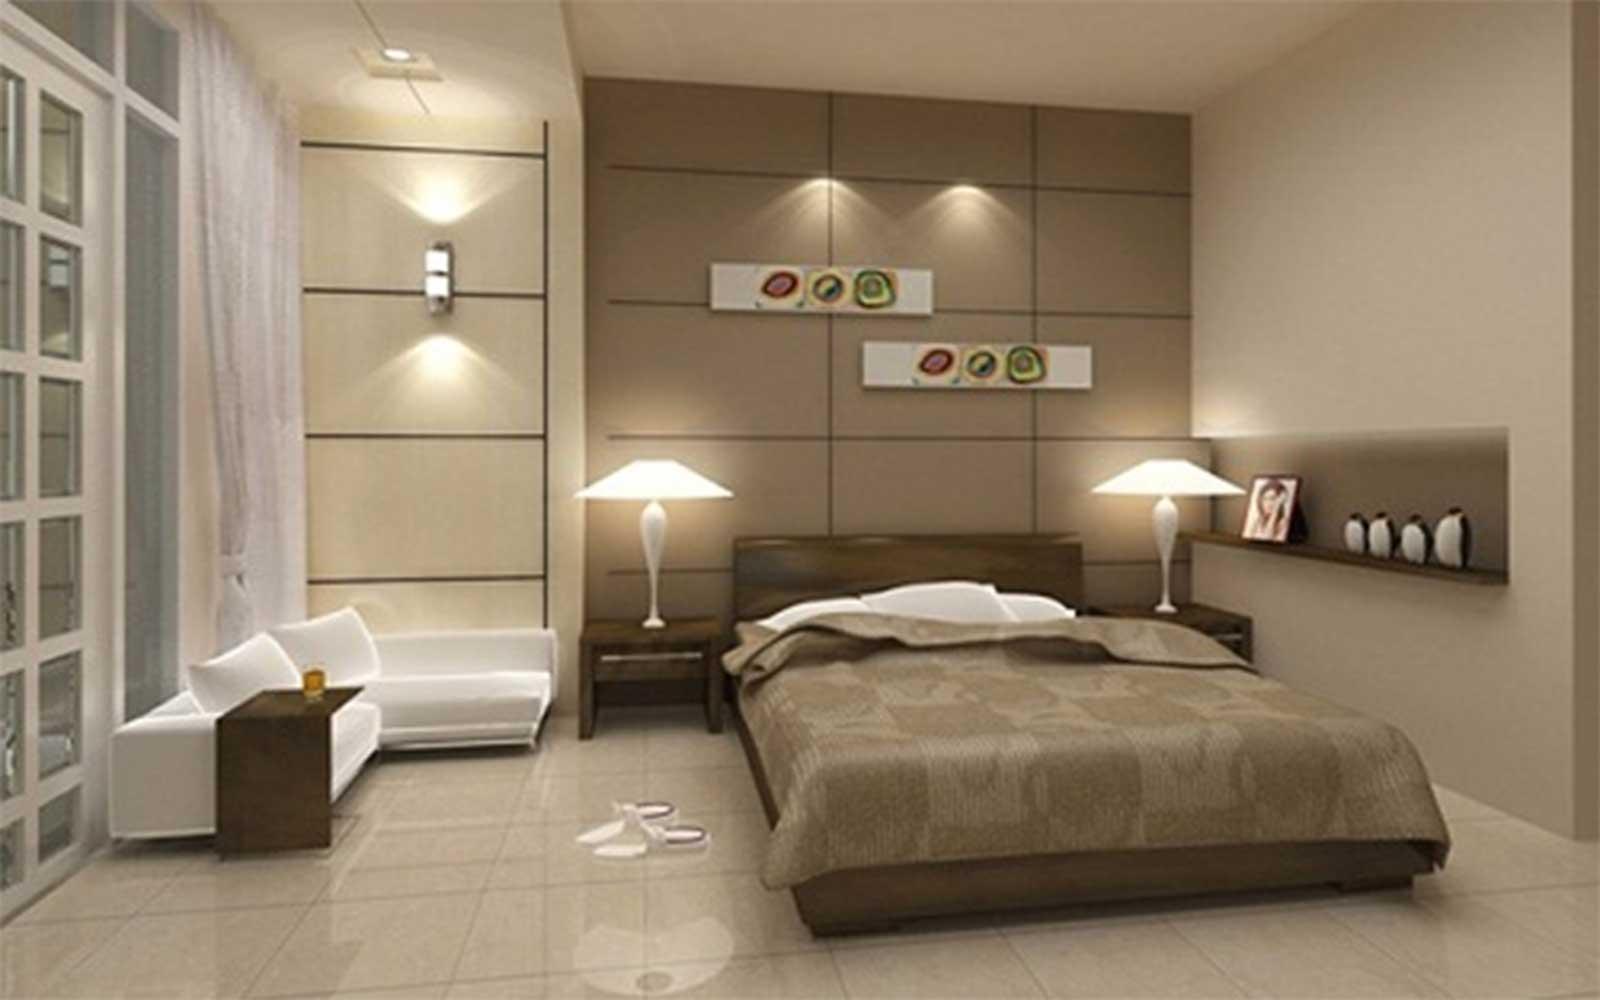 Chọn màu gạch ốp cũng rất quan trọng cho phòng ngủ có tính thẩm mỹ hơn